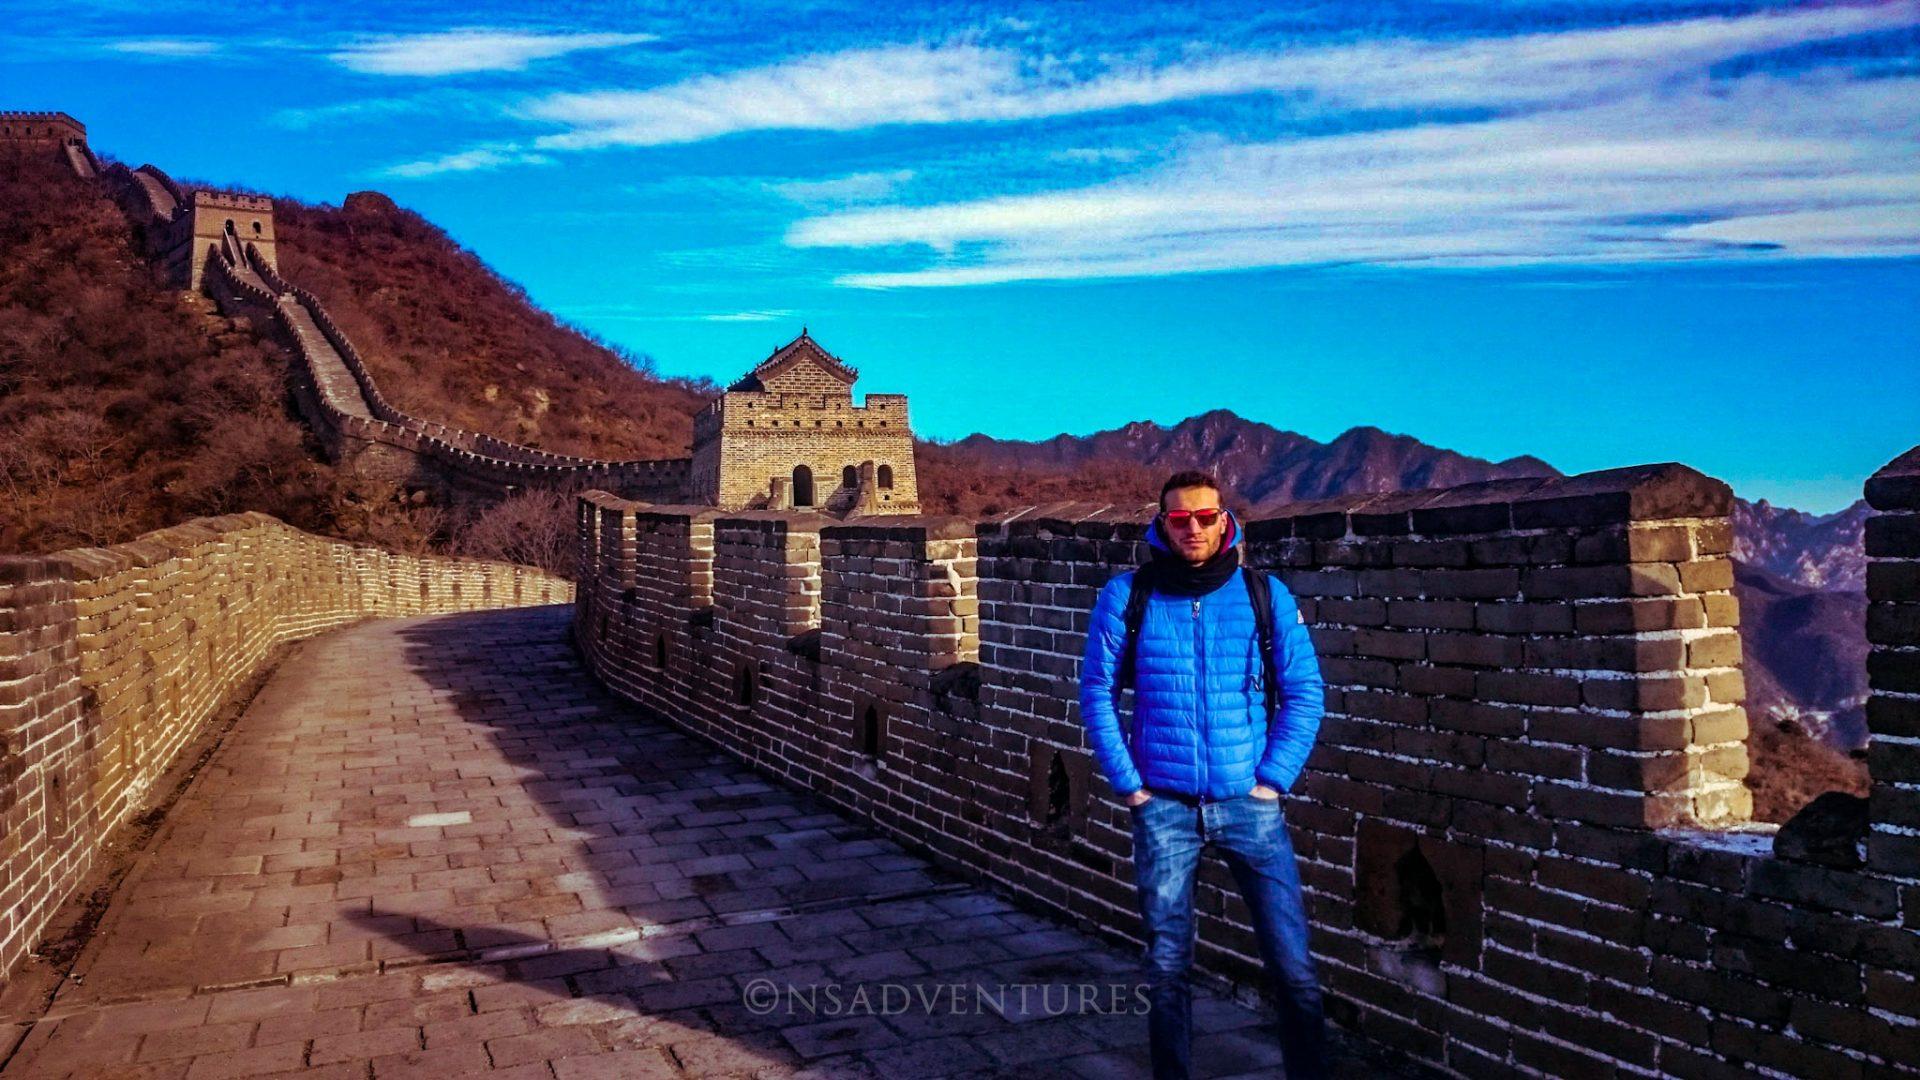 Travel Planner Italia: China, Beijing, Great Wall, Mutianyu